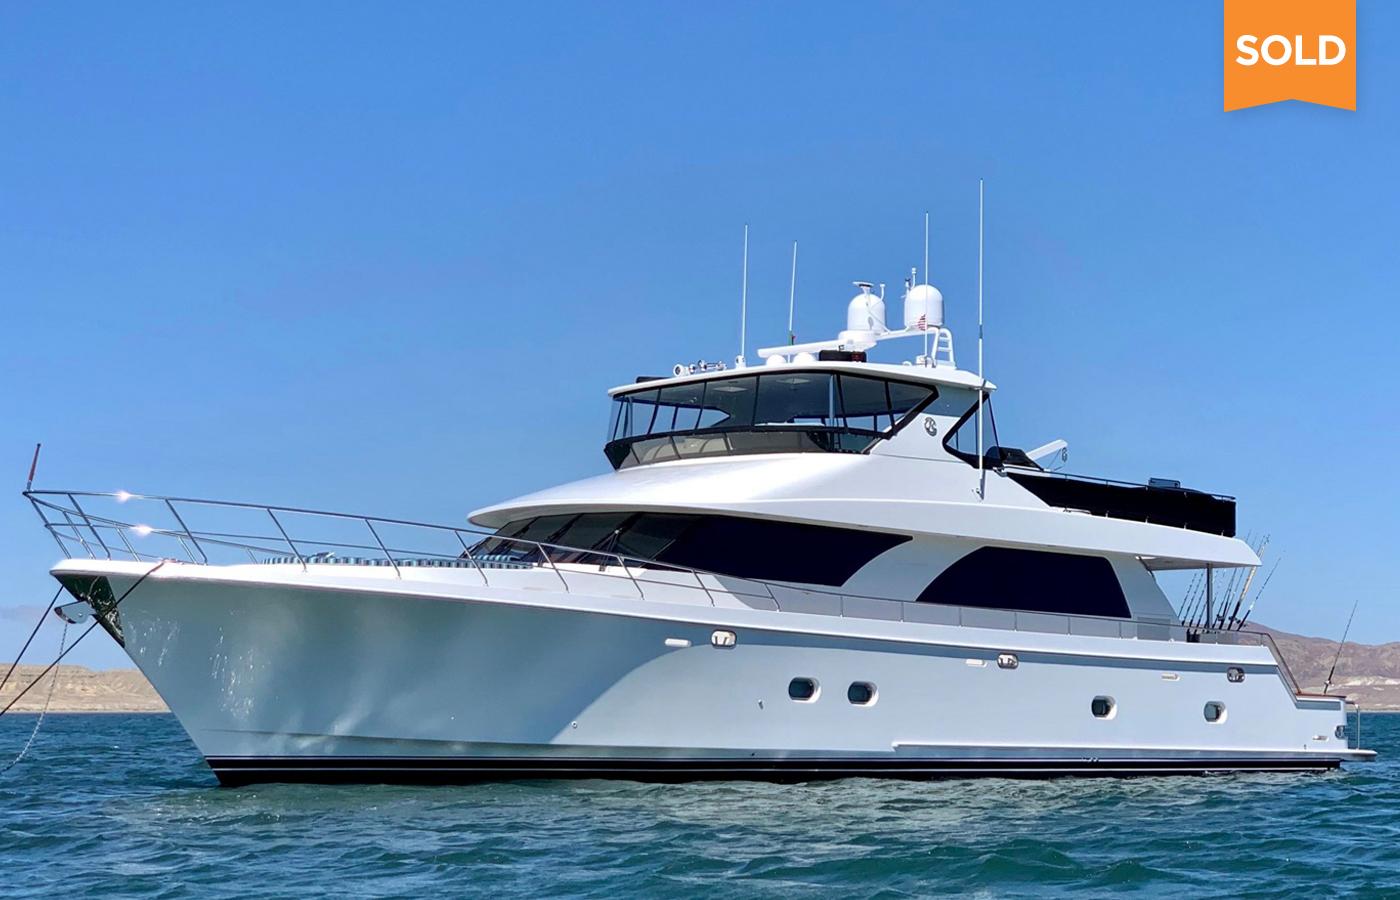 80 Ocean Alexander Motor Yacht Sold By Mike Burke